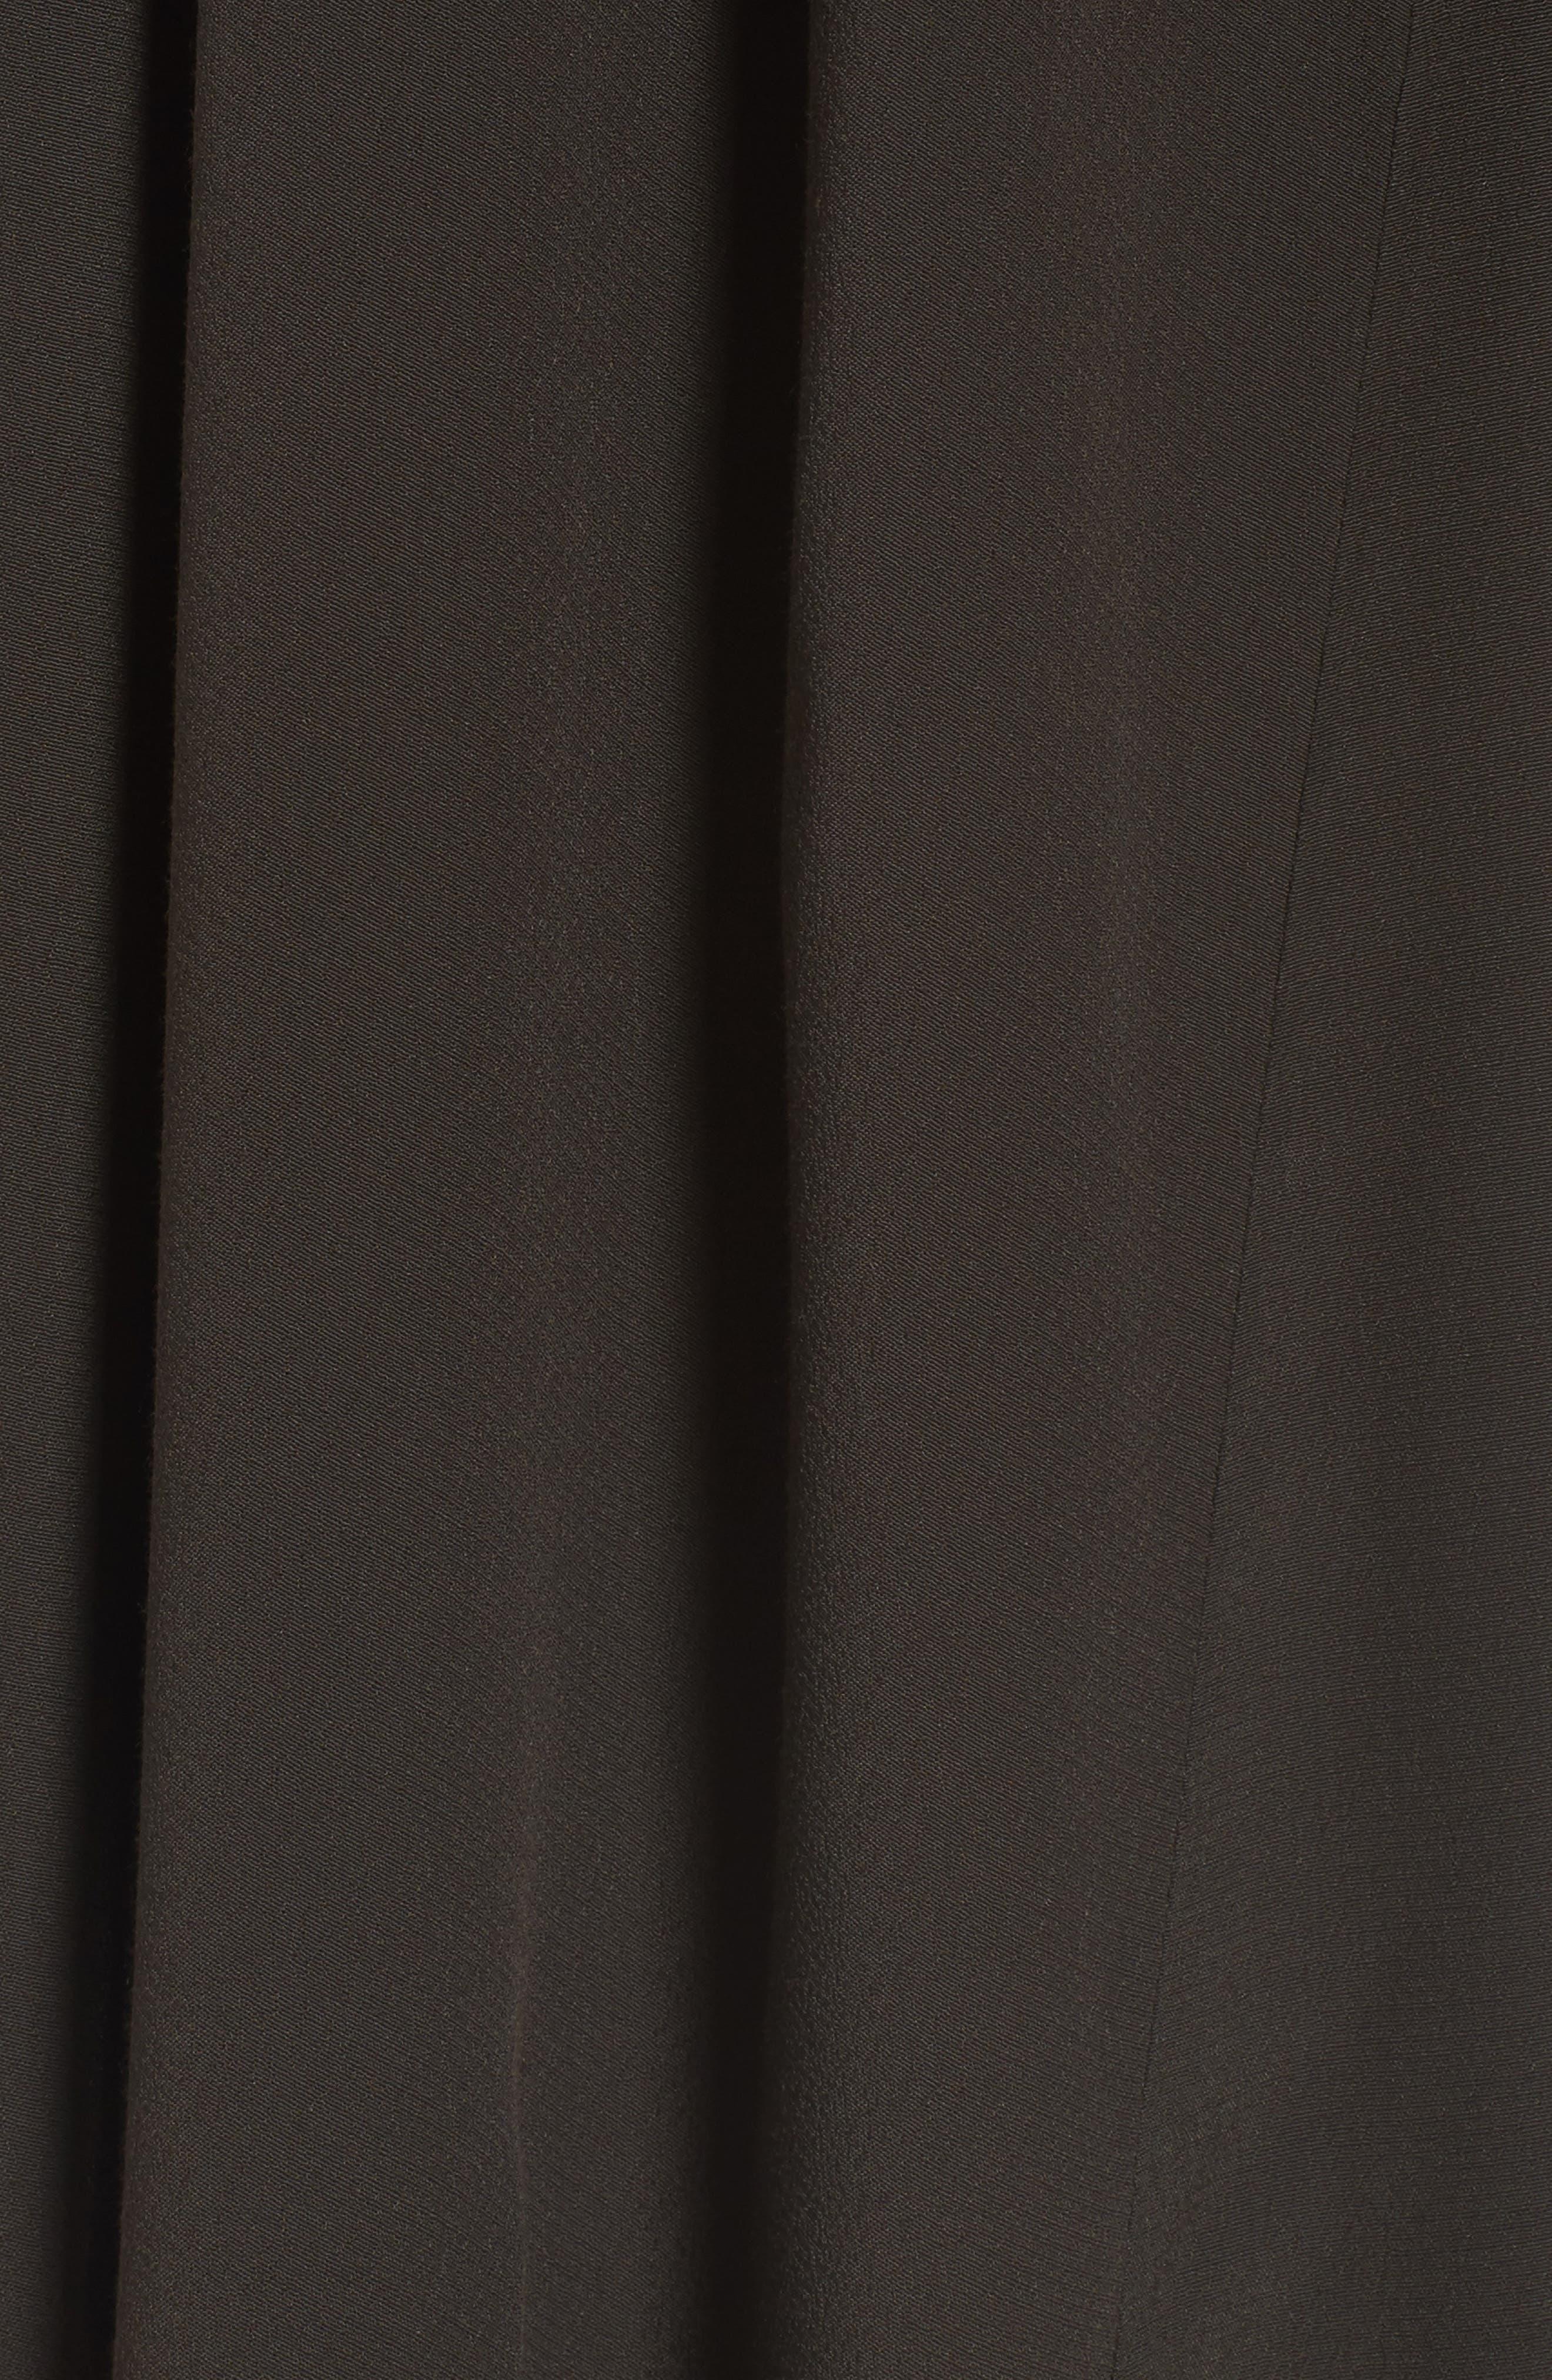 Ava Crochet Detail Dress,                             Alternate thumbnail 5, color,                             021